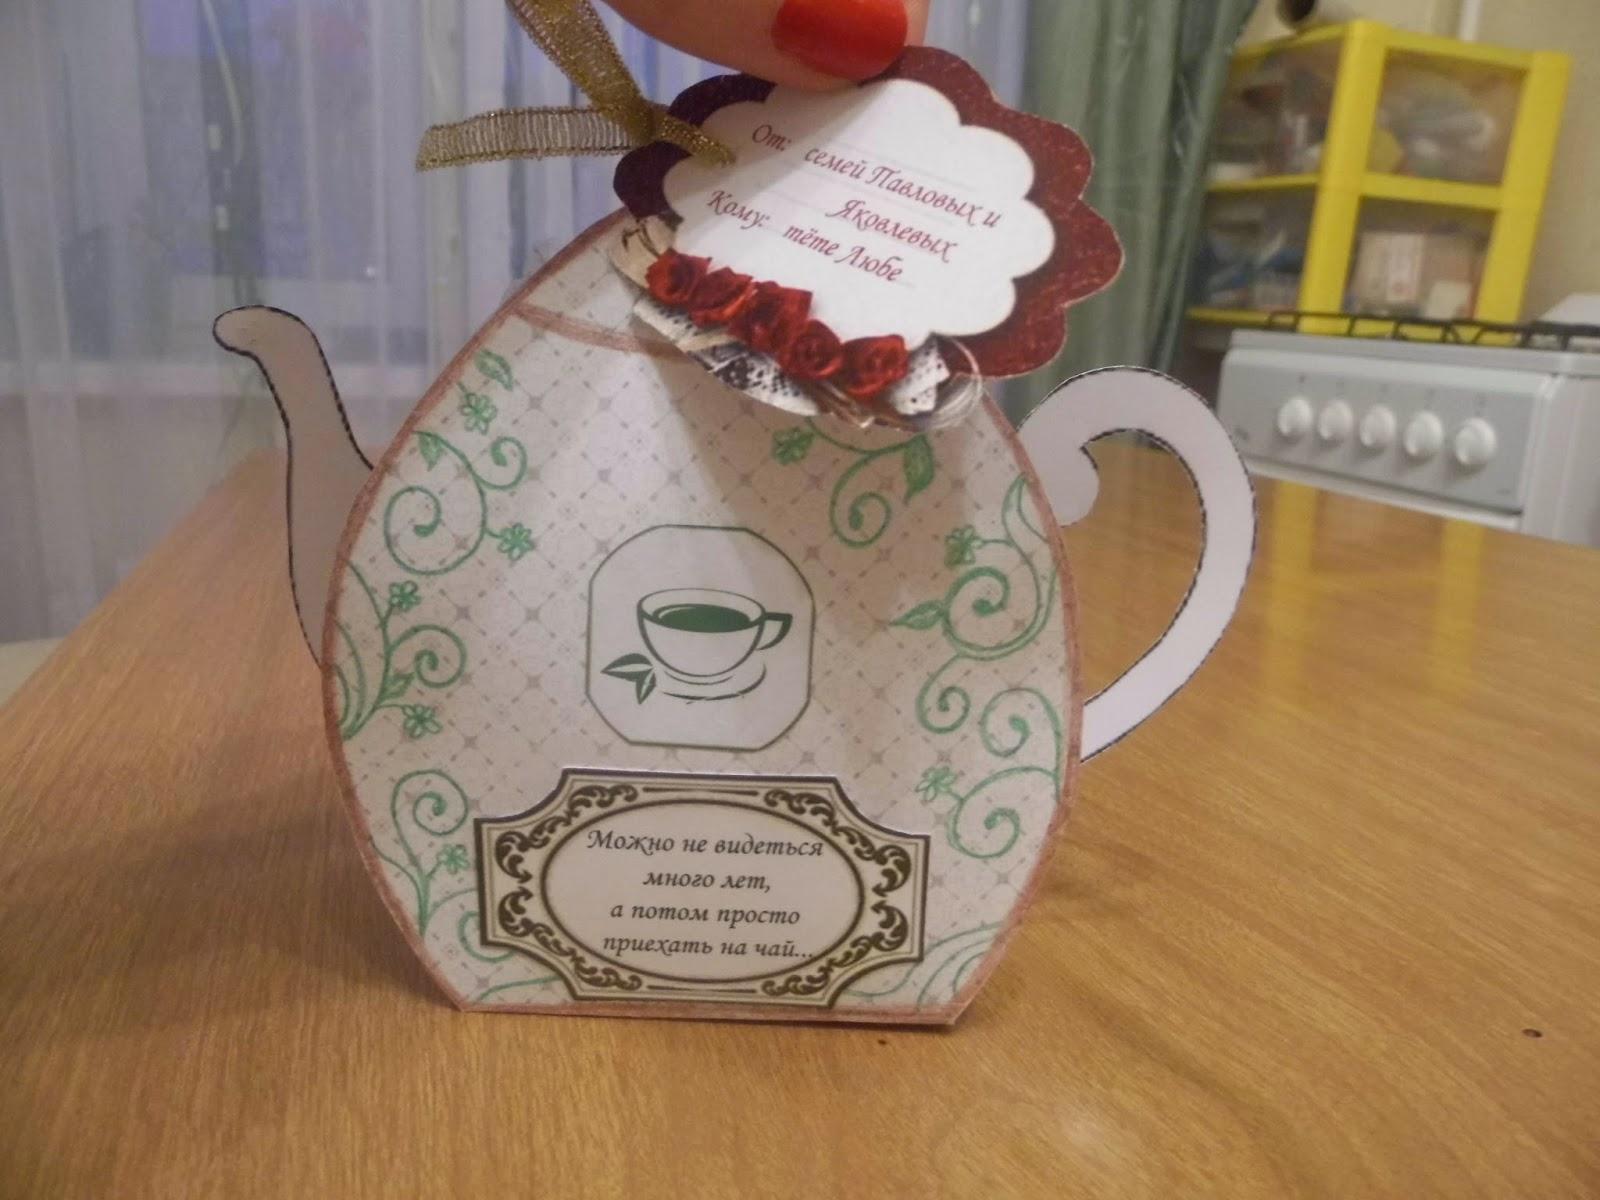 Чай на подарок своими руками на